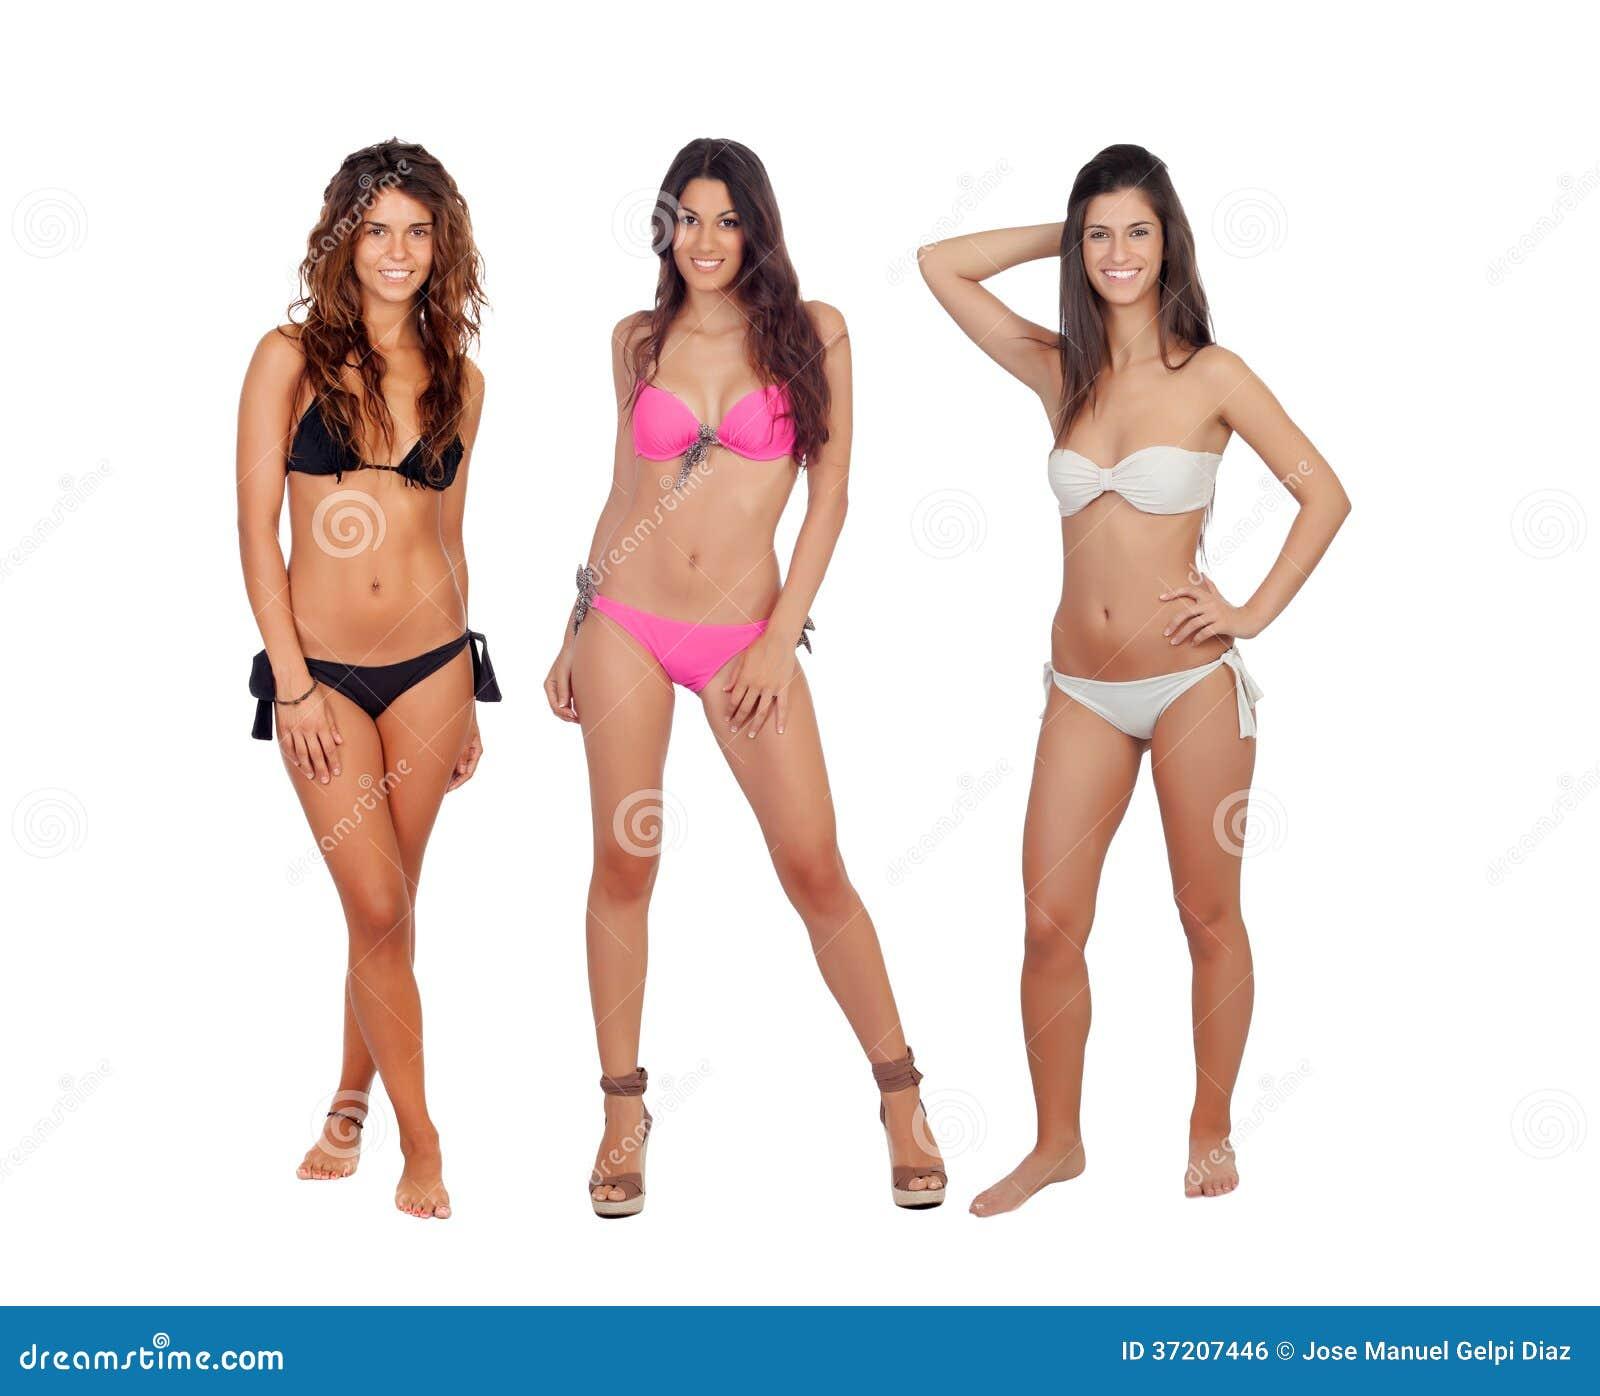 Three beautiful models in bikini